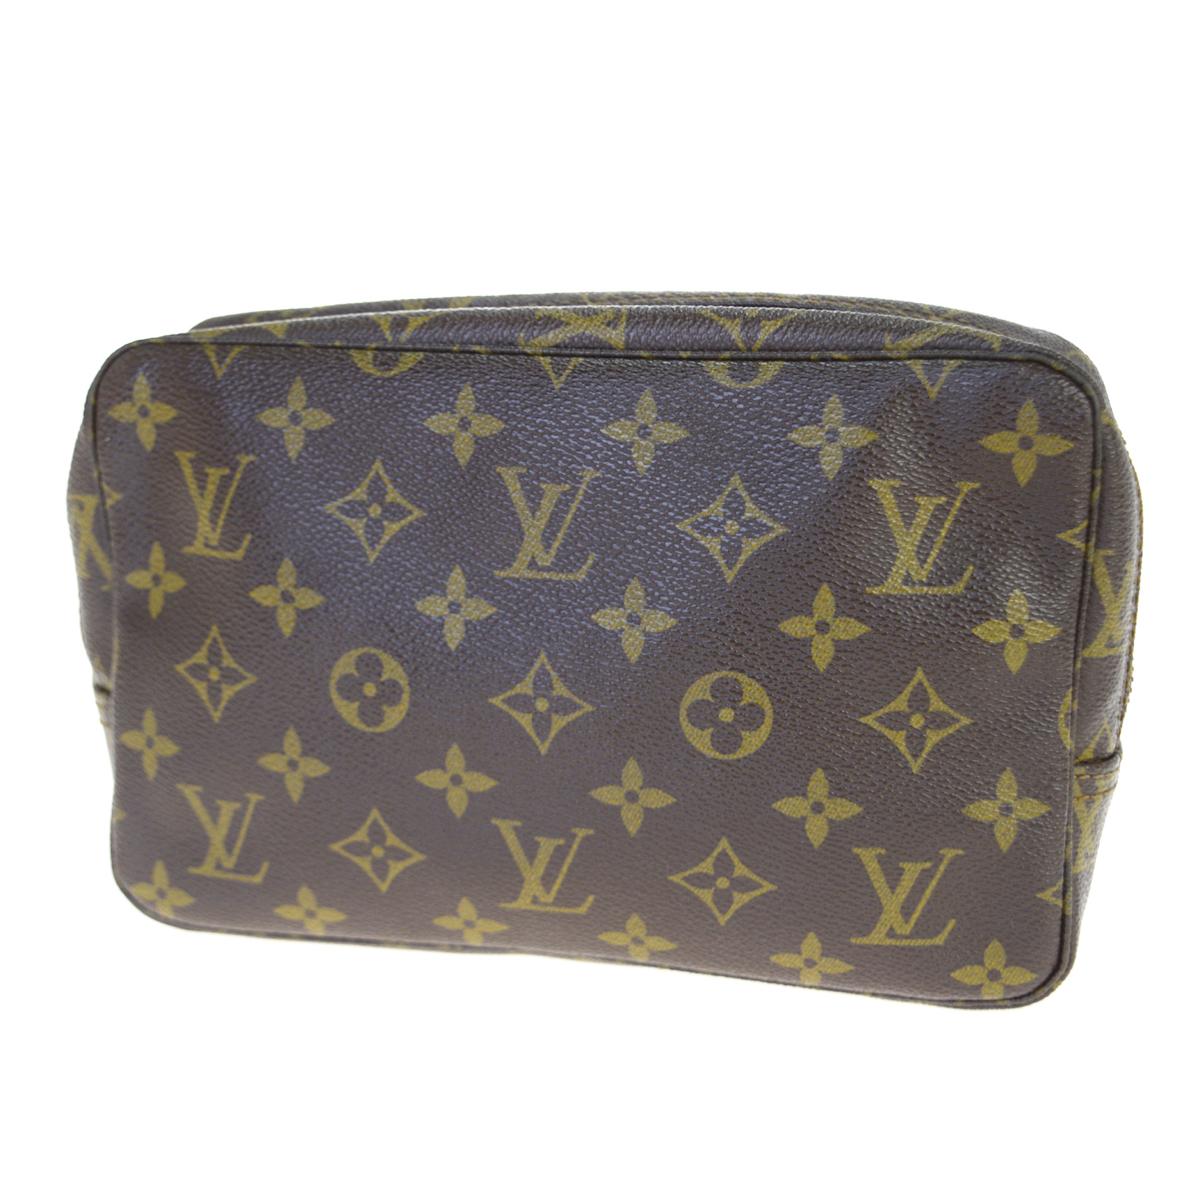 【中古】 ルイ・ヴィトン(Louis Vuitton) モノグラム トゥルース トワレット 23 M47524 クラッチバッグ ブラウン 60GB979